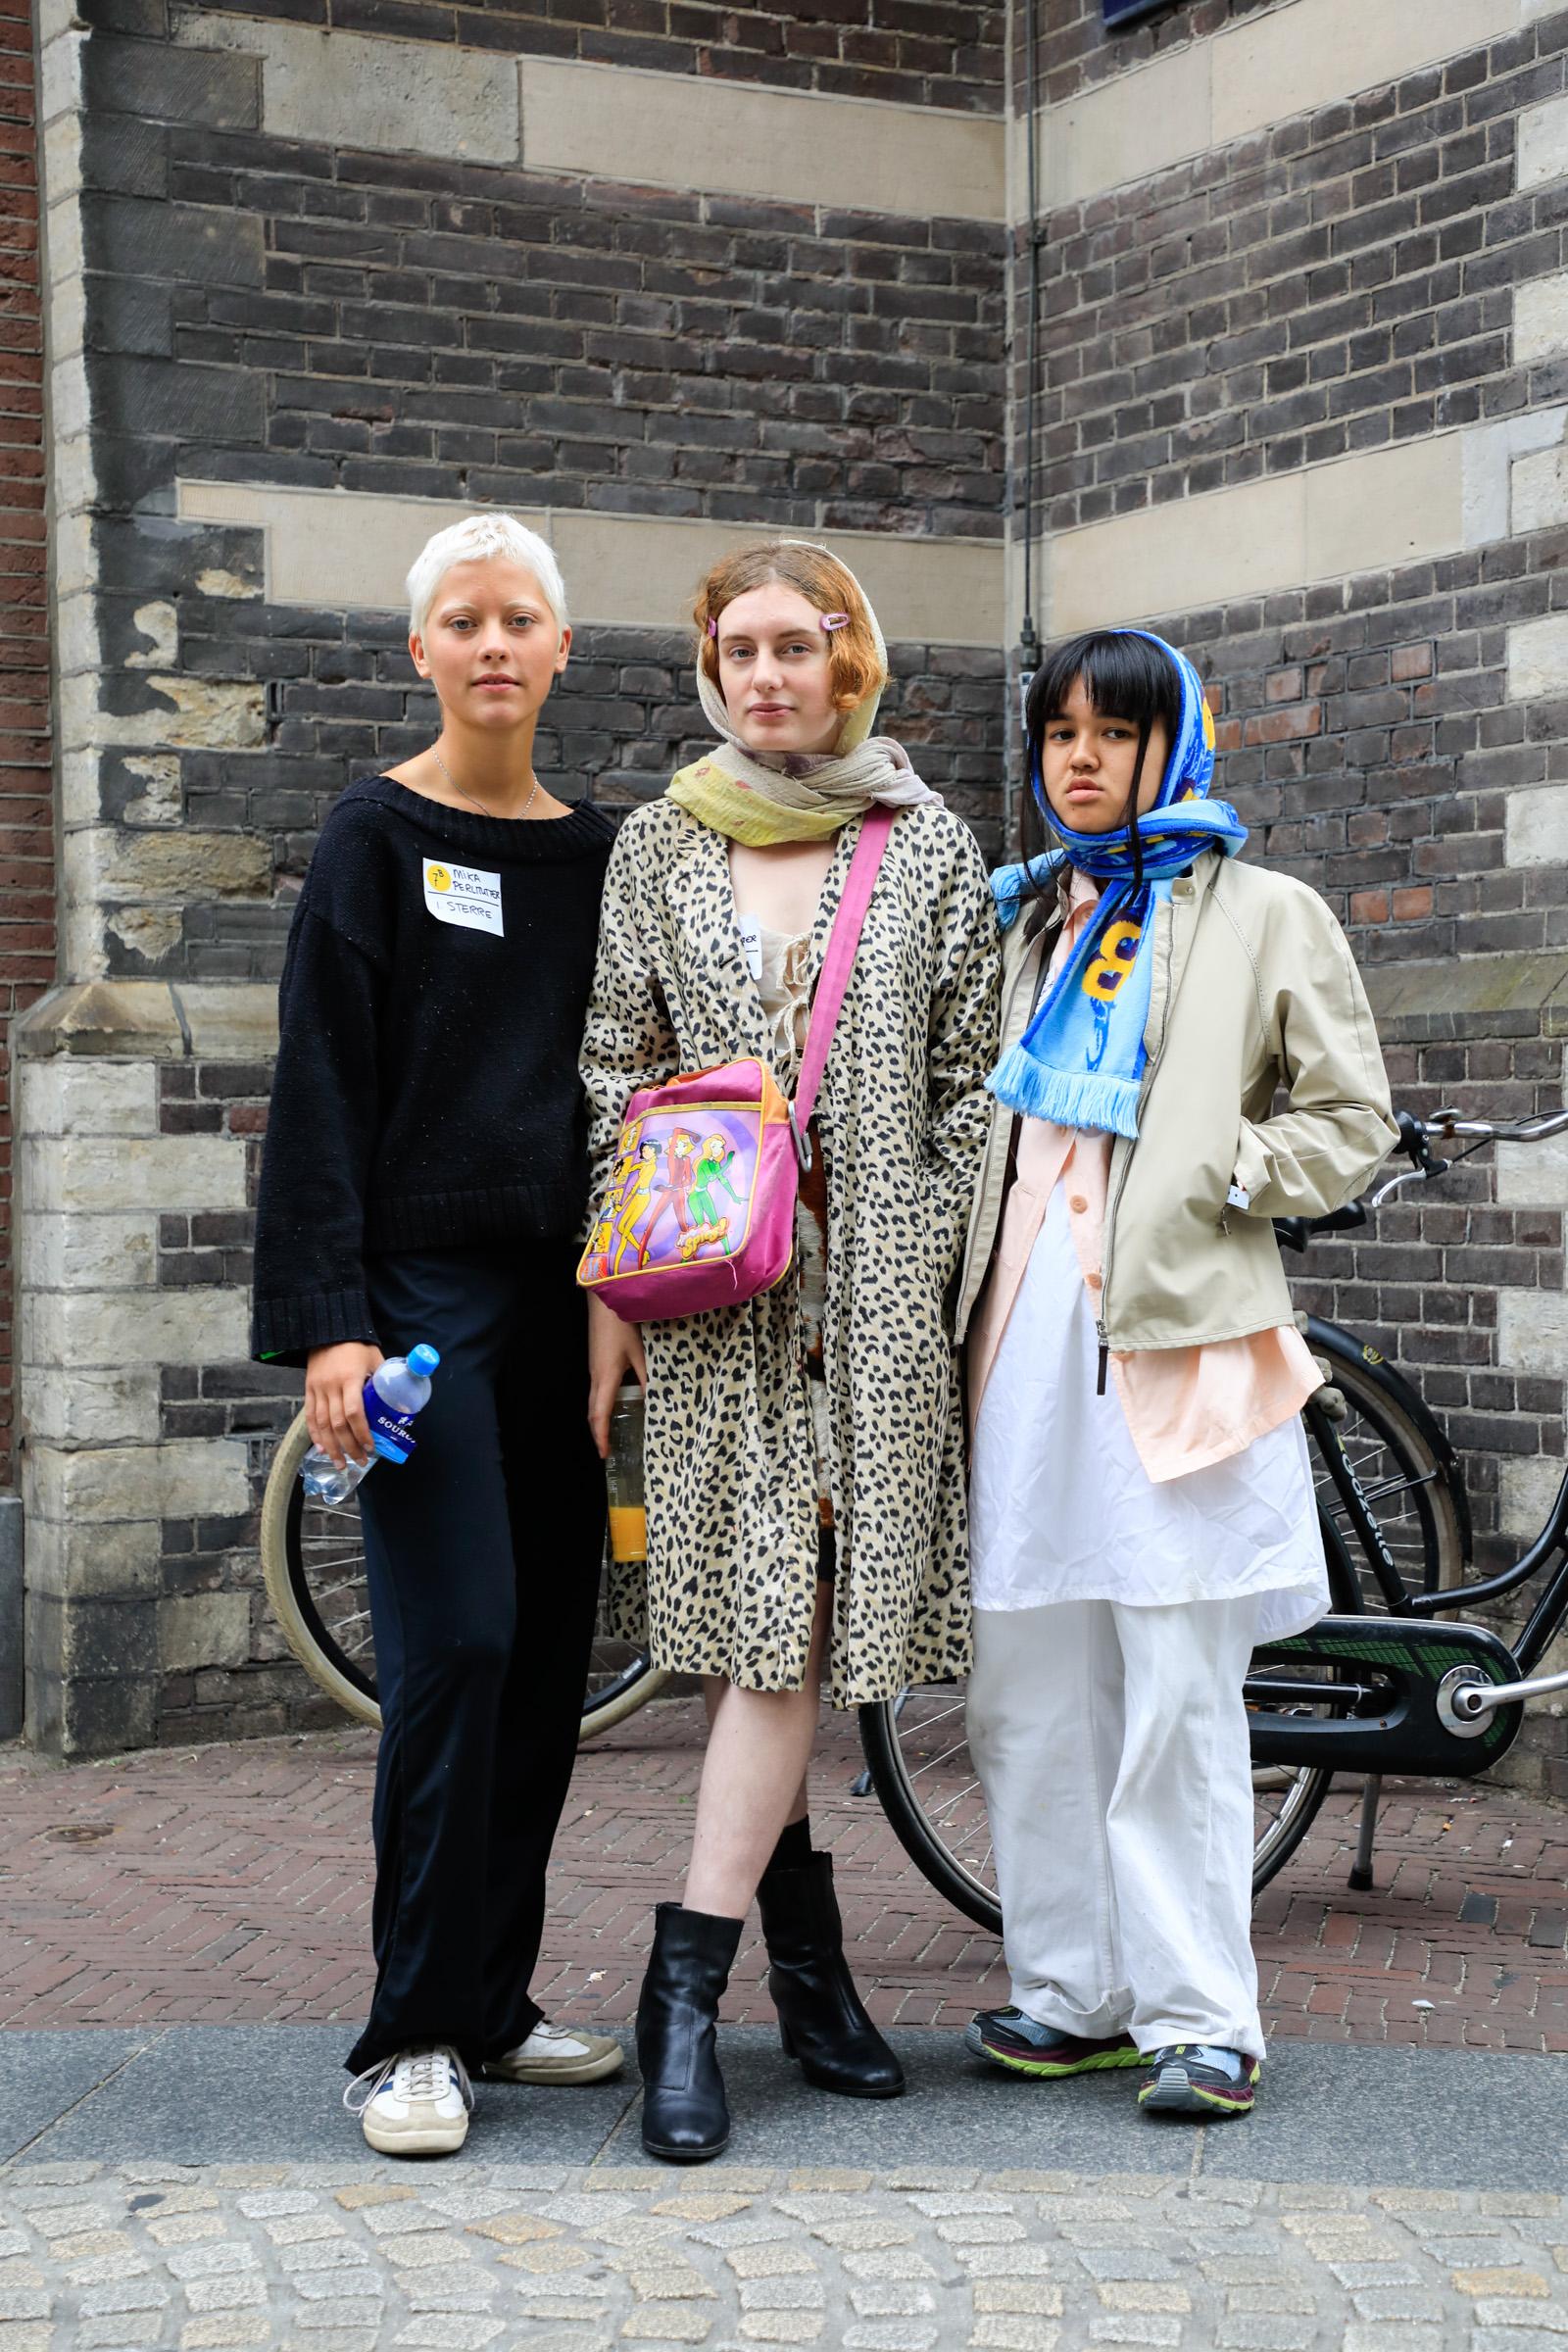 Amsterdam Fashion Week streetwear Day 2